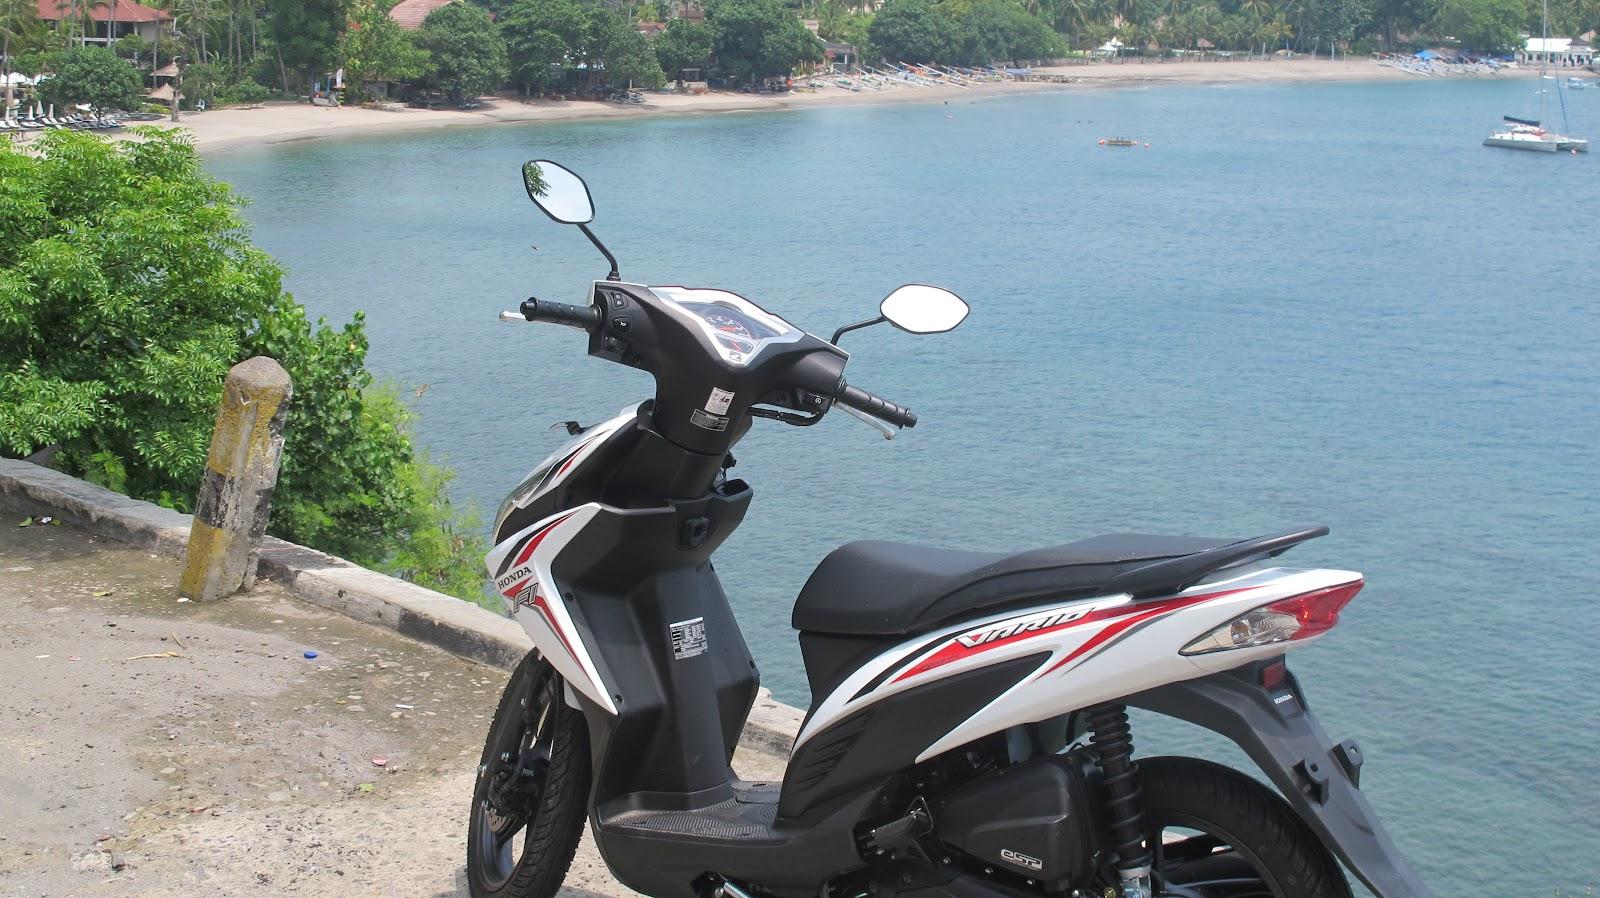 Information Motor Bike Scooter Rental In Lombok Island